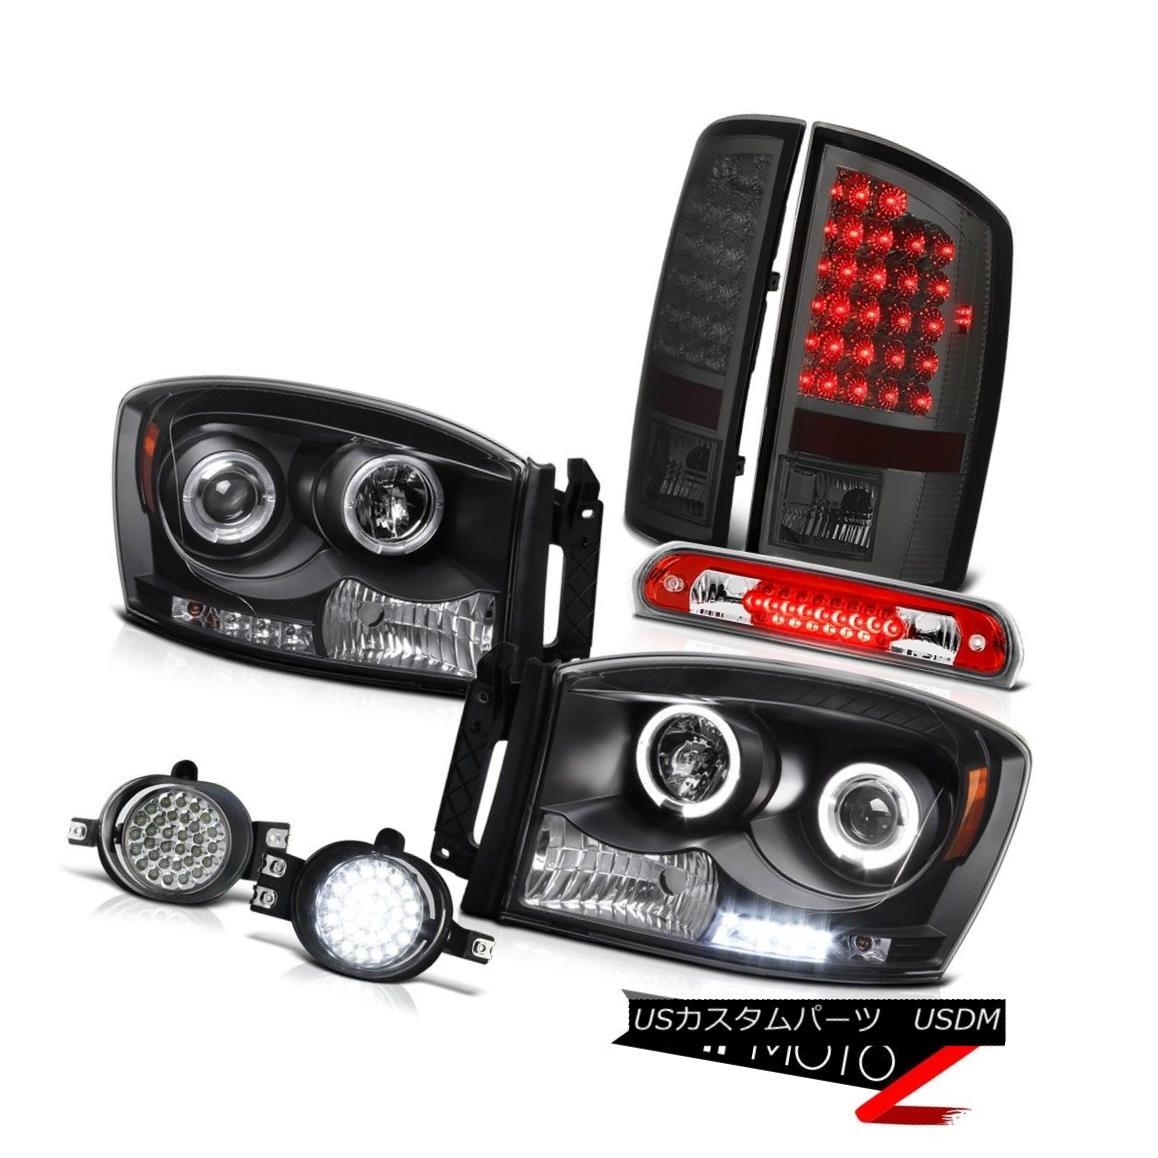 テールライト Eye Projector L.E.D Tail Light Smoke Foglight High Stop LED 2006 Dodge Ram ST アイプロジェクターL.E.DテールライトスモークフォグライトハイストップLED 2006 Dodge Ram ST